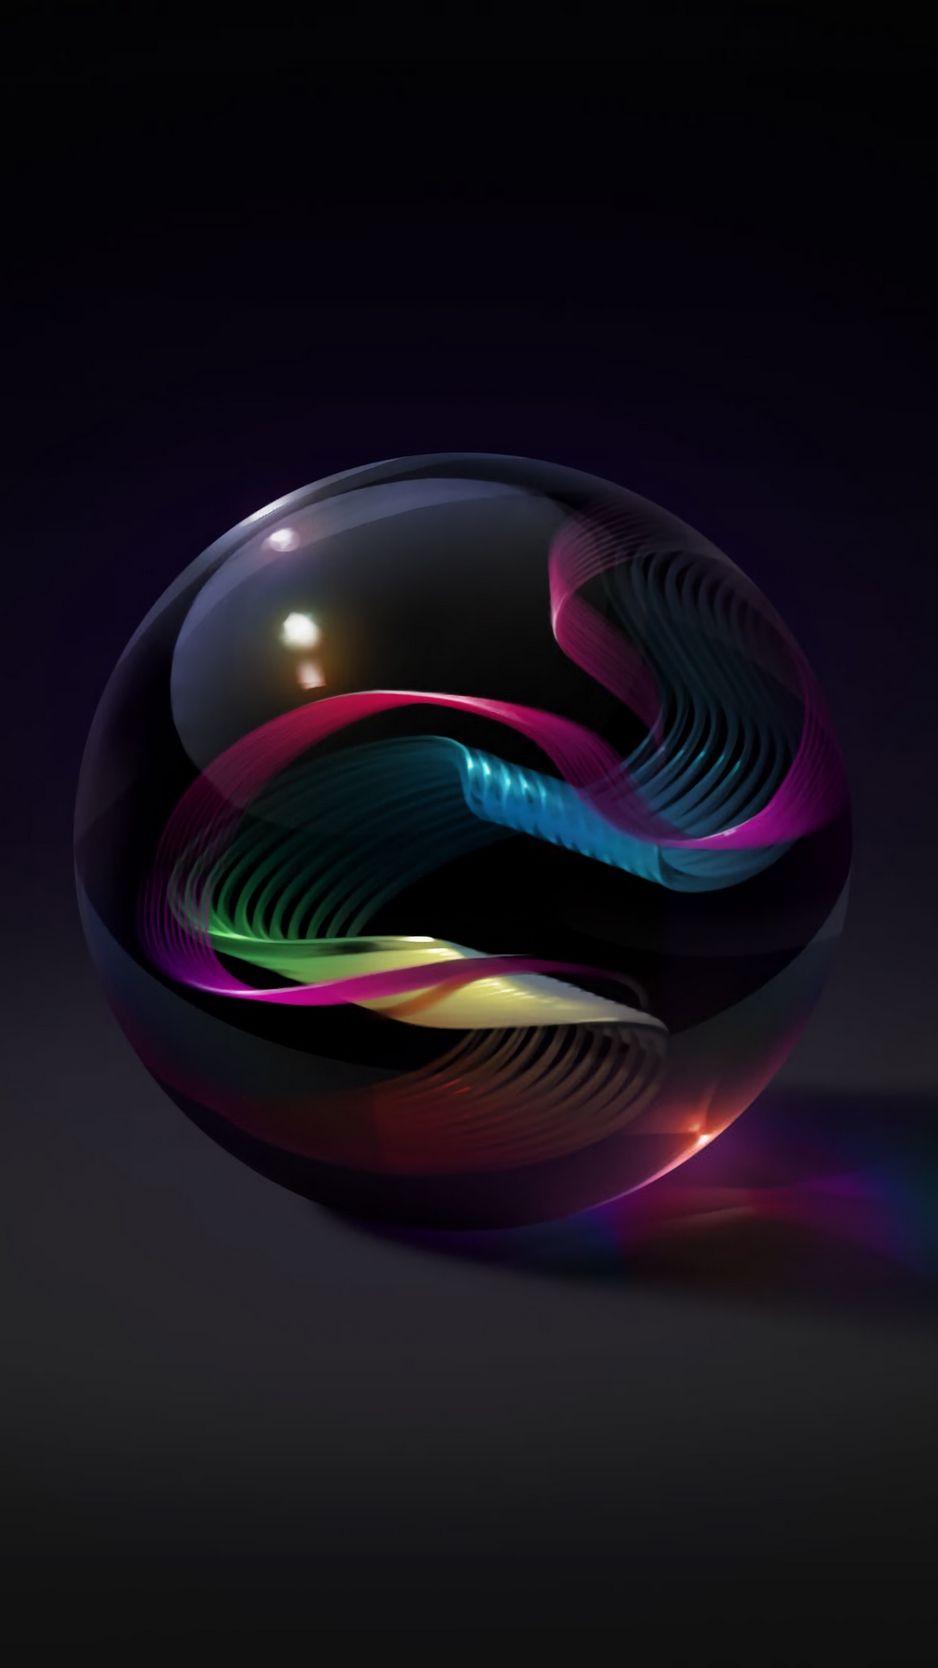 938x1668 Wallpaper Ball Glass Art Patterns Telefon Duvar